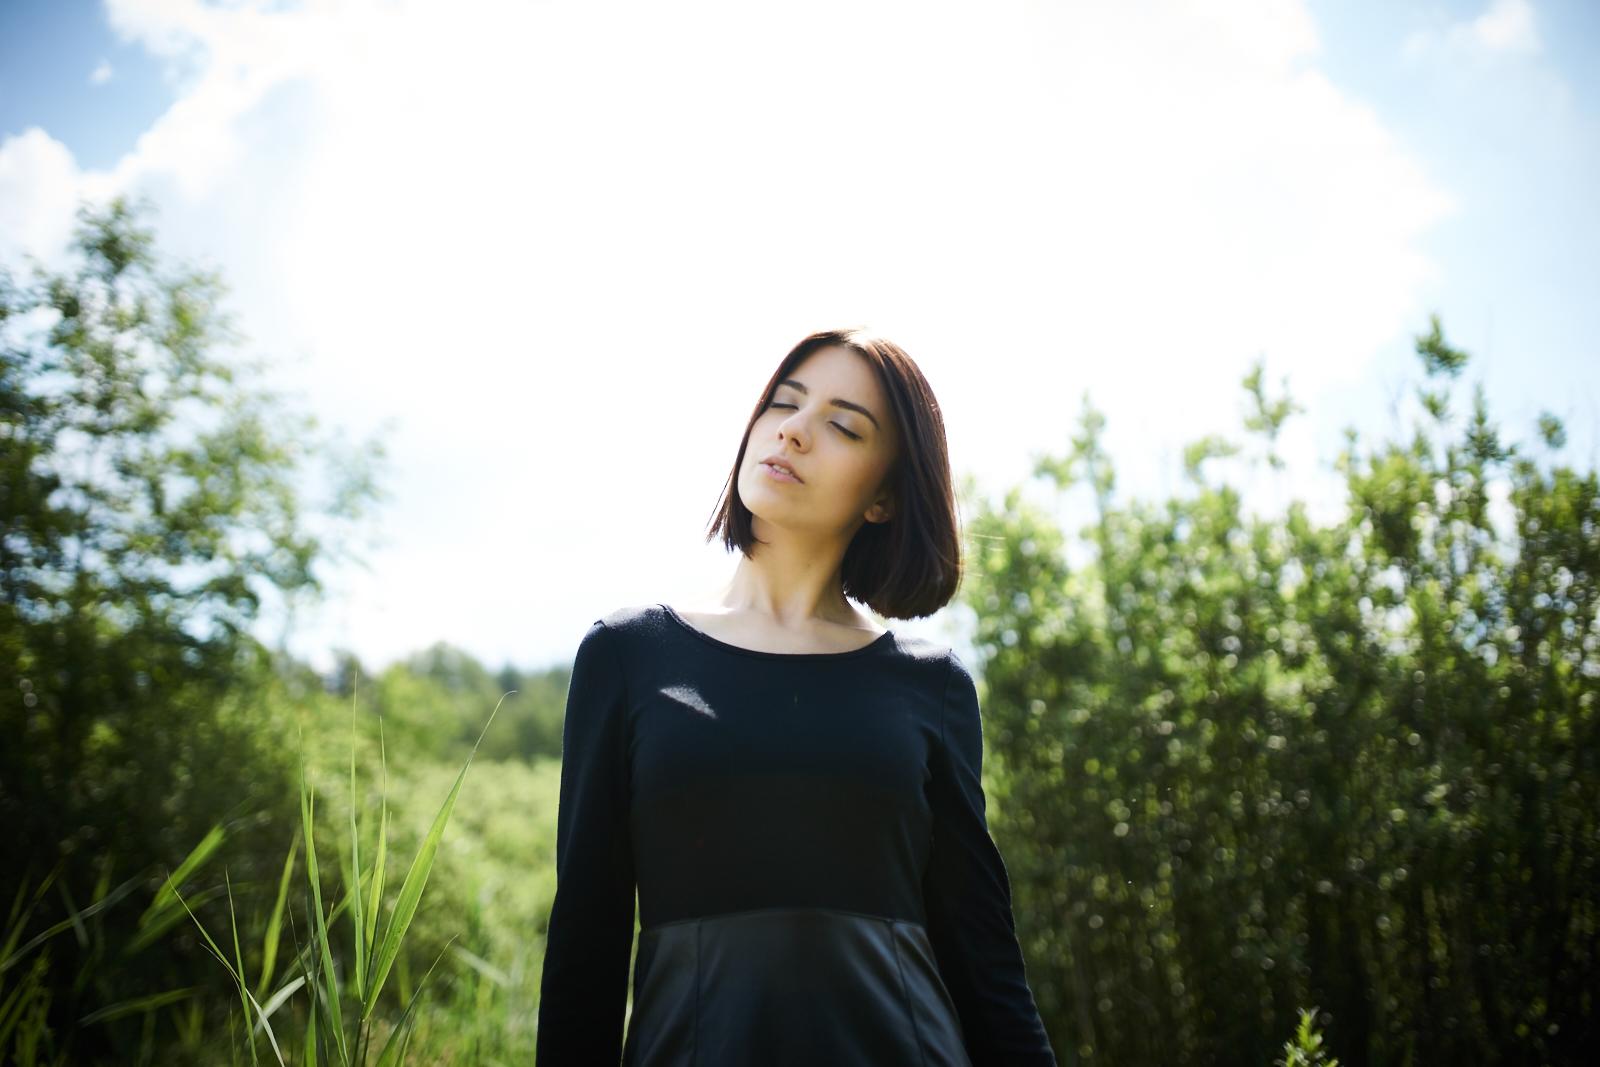 Alisa - Portraitshooting in Berlin